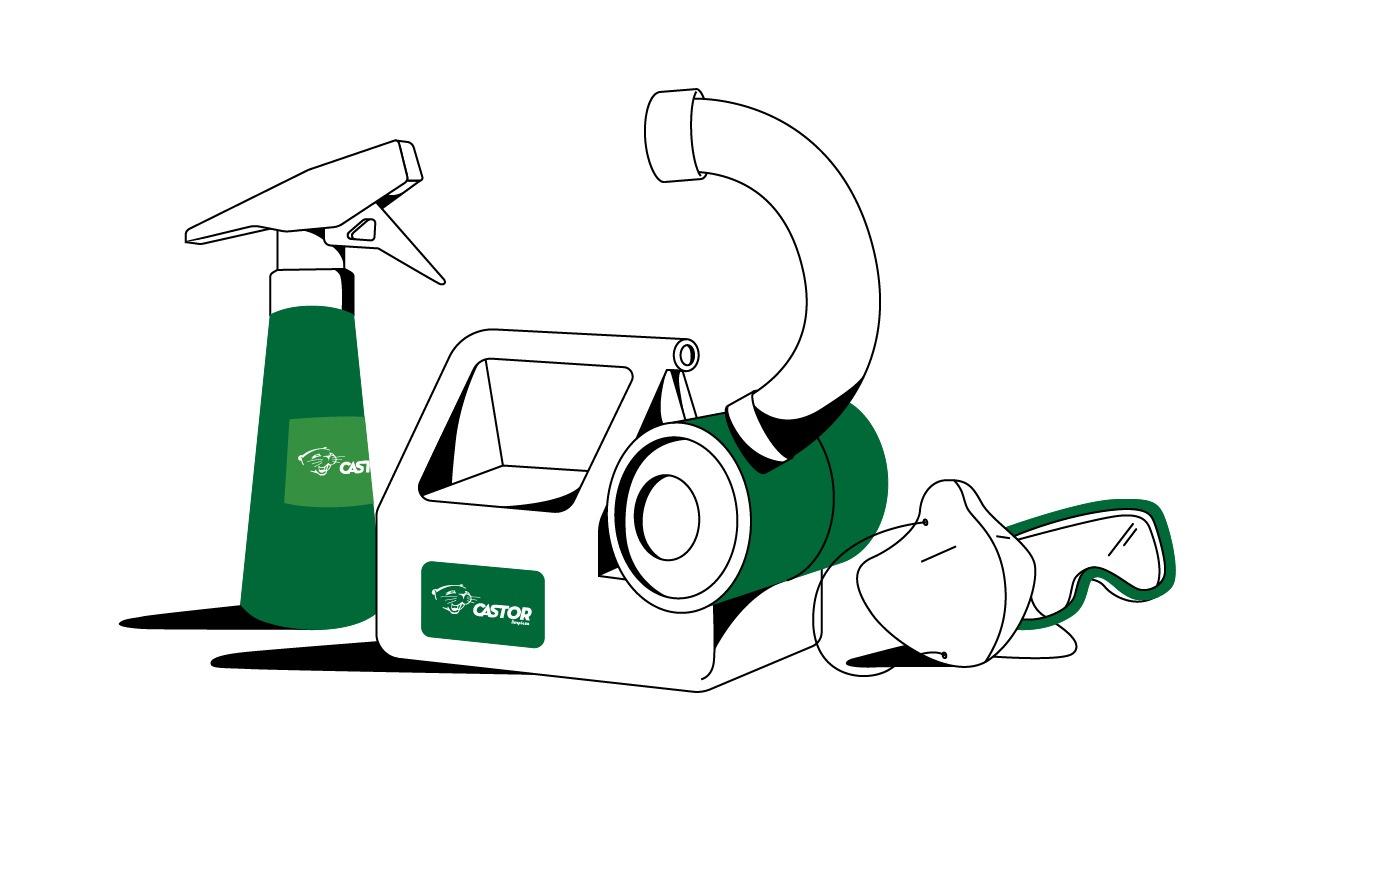 Limpiezas Castor. desinfeccion-desinfectar-locales-comerciales-granada Desinfección tiendas, negocios y locales comerciales Granada